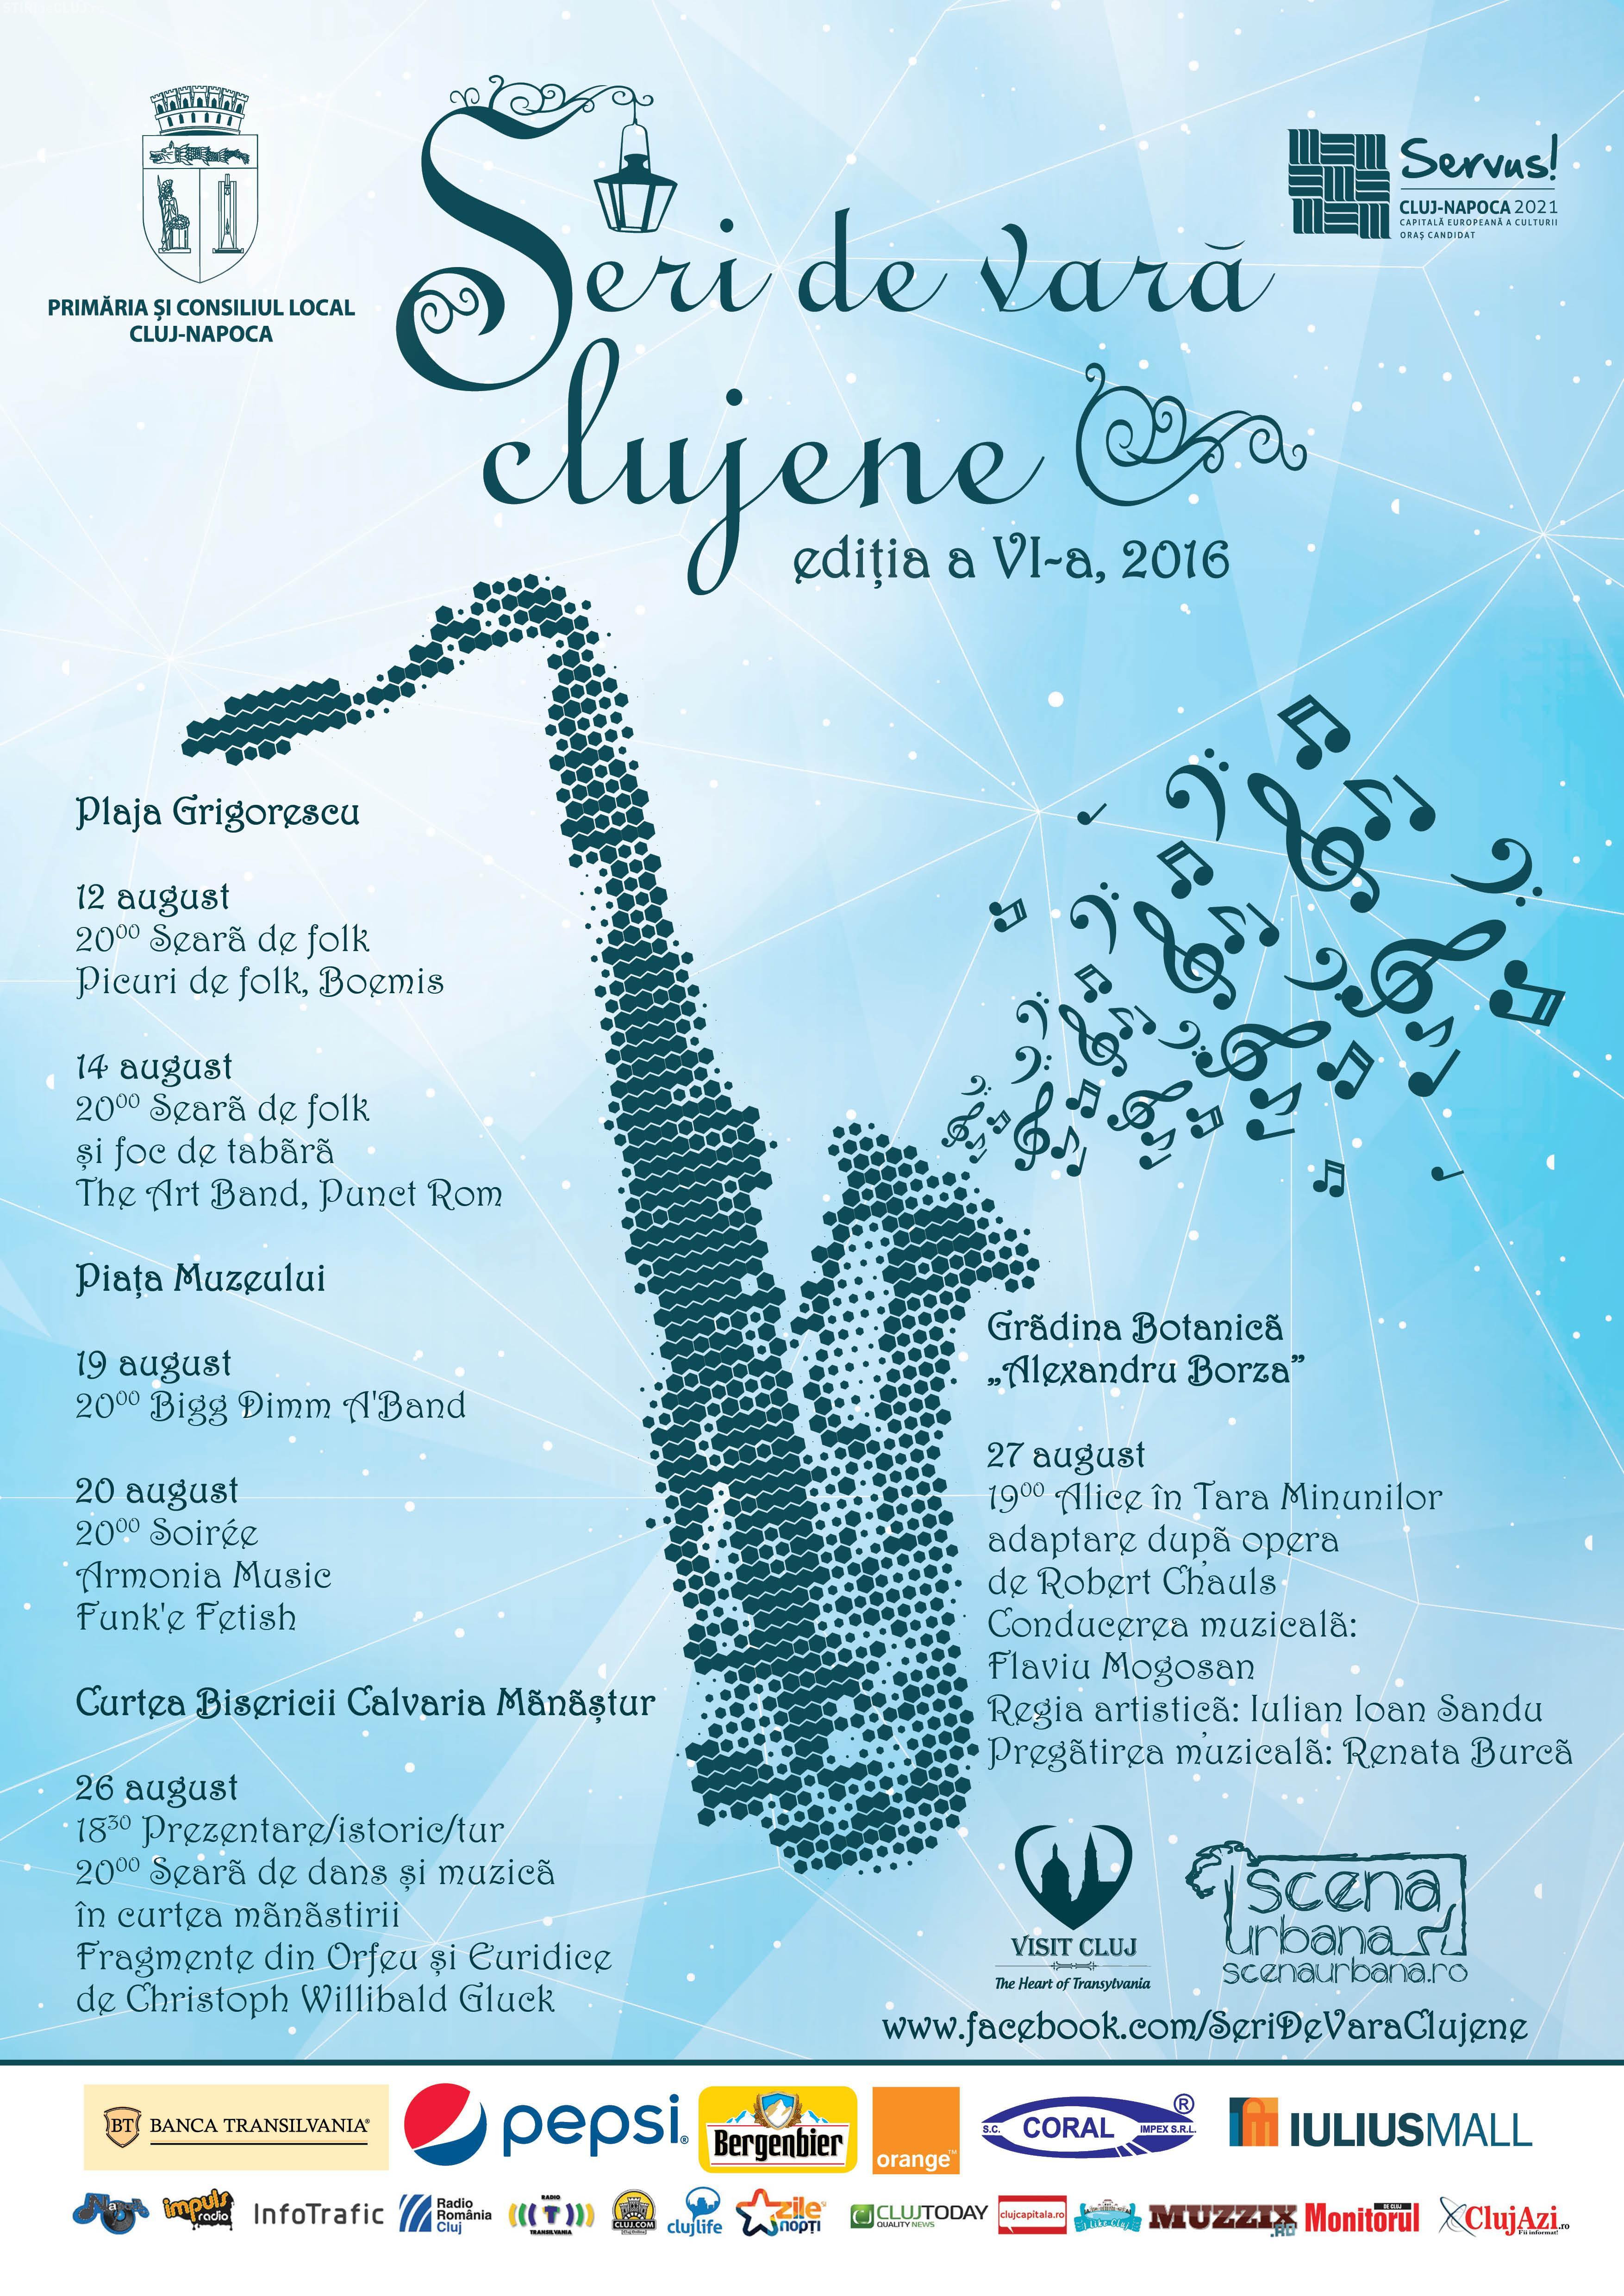 Seri de Vară Clujene 2016. PROGRAMUL festivalului